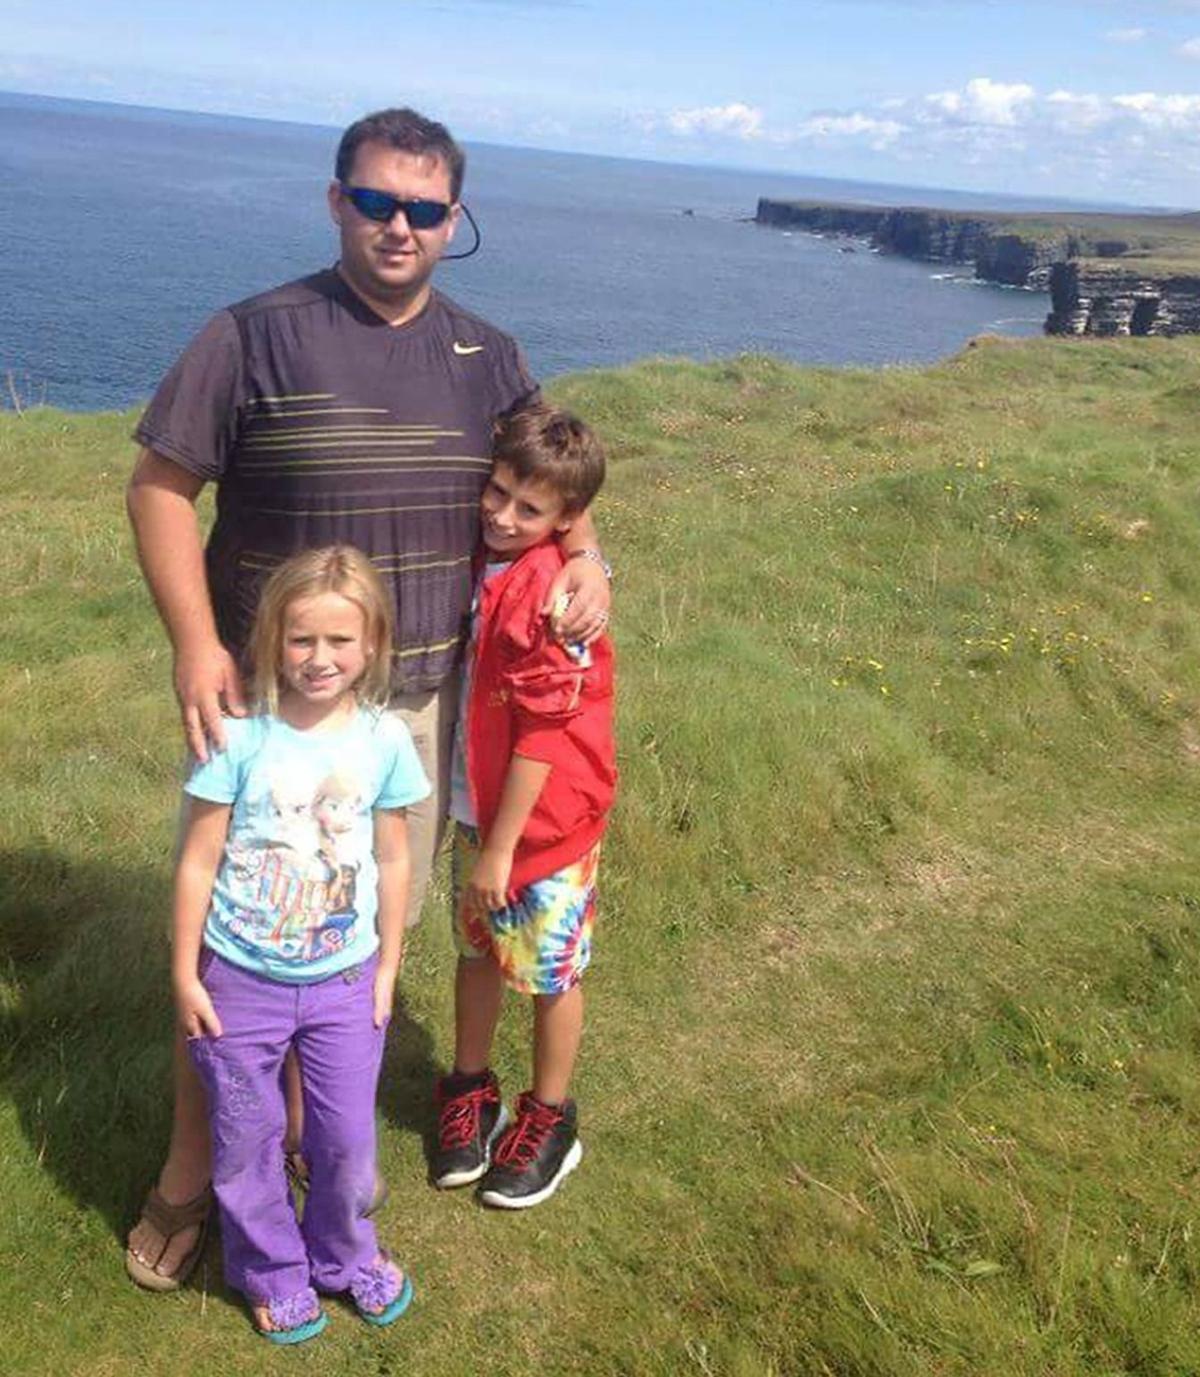 Jason Corbett with children